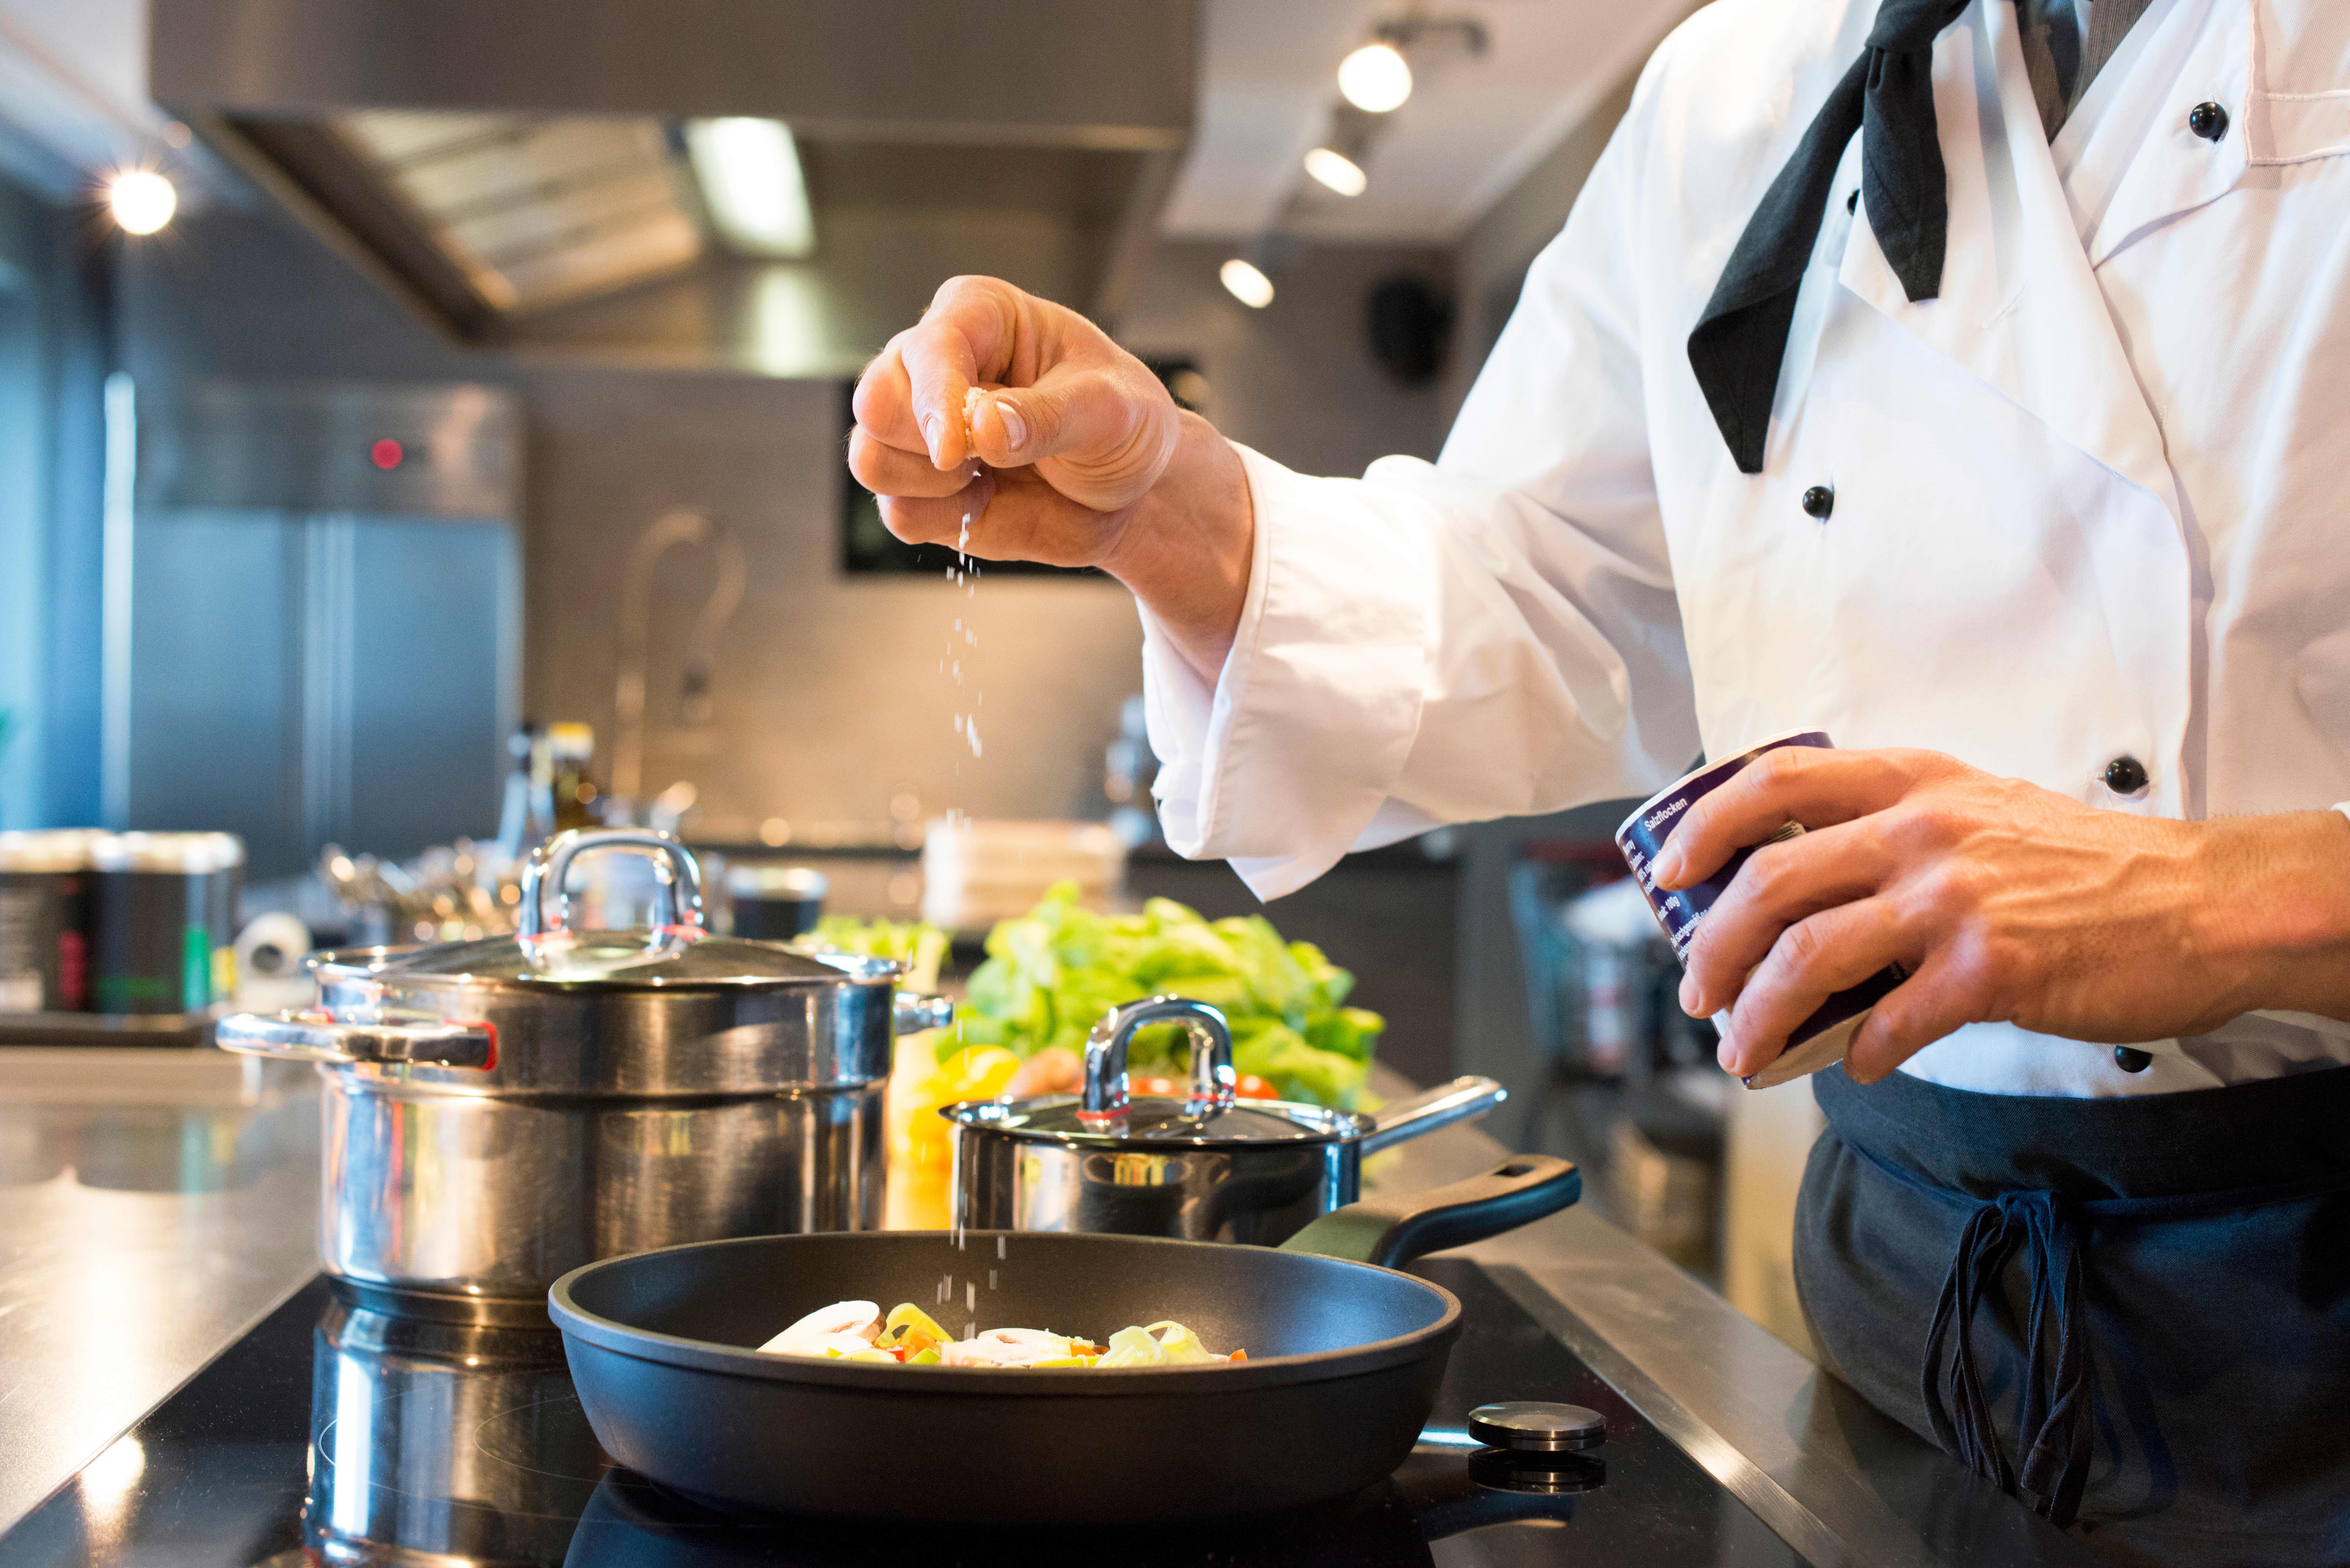 Lag maten fra bunnen av for å få bedre kontroll over hvor mye salt du får i deg. (Foto:Plainpicture/NTB Scanpix)